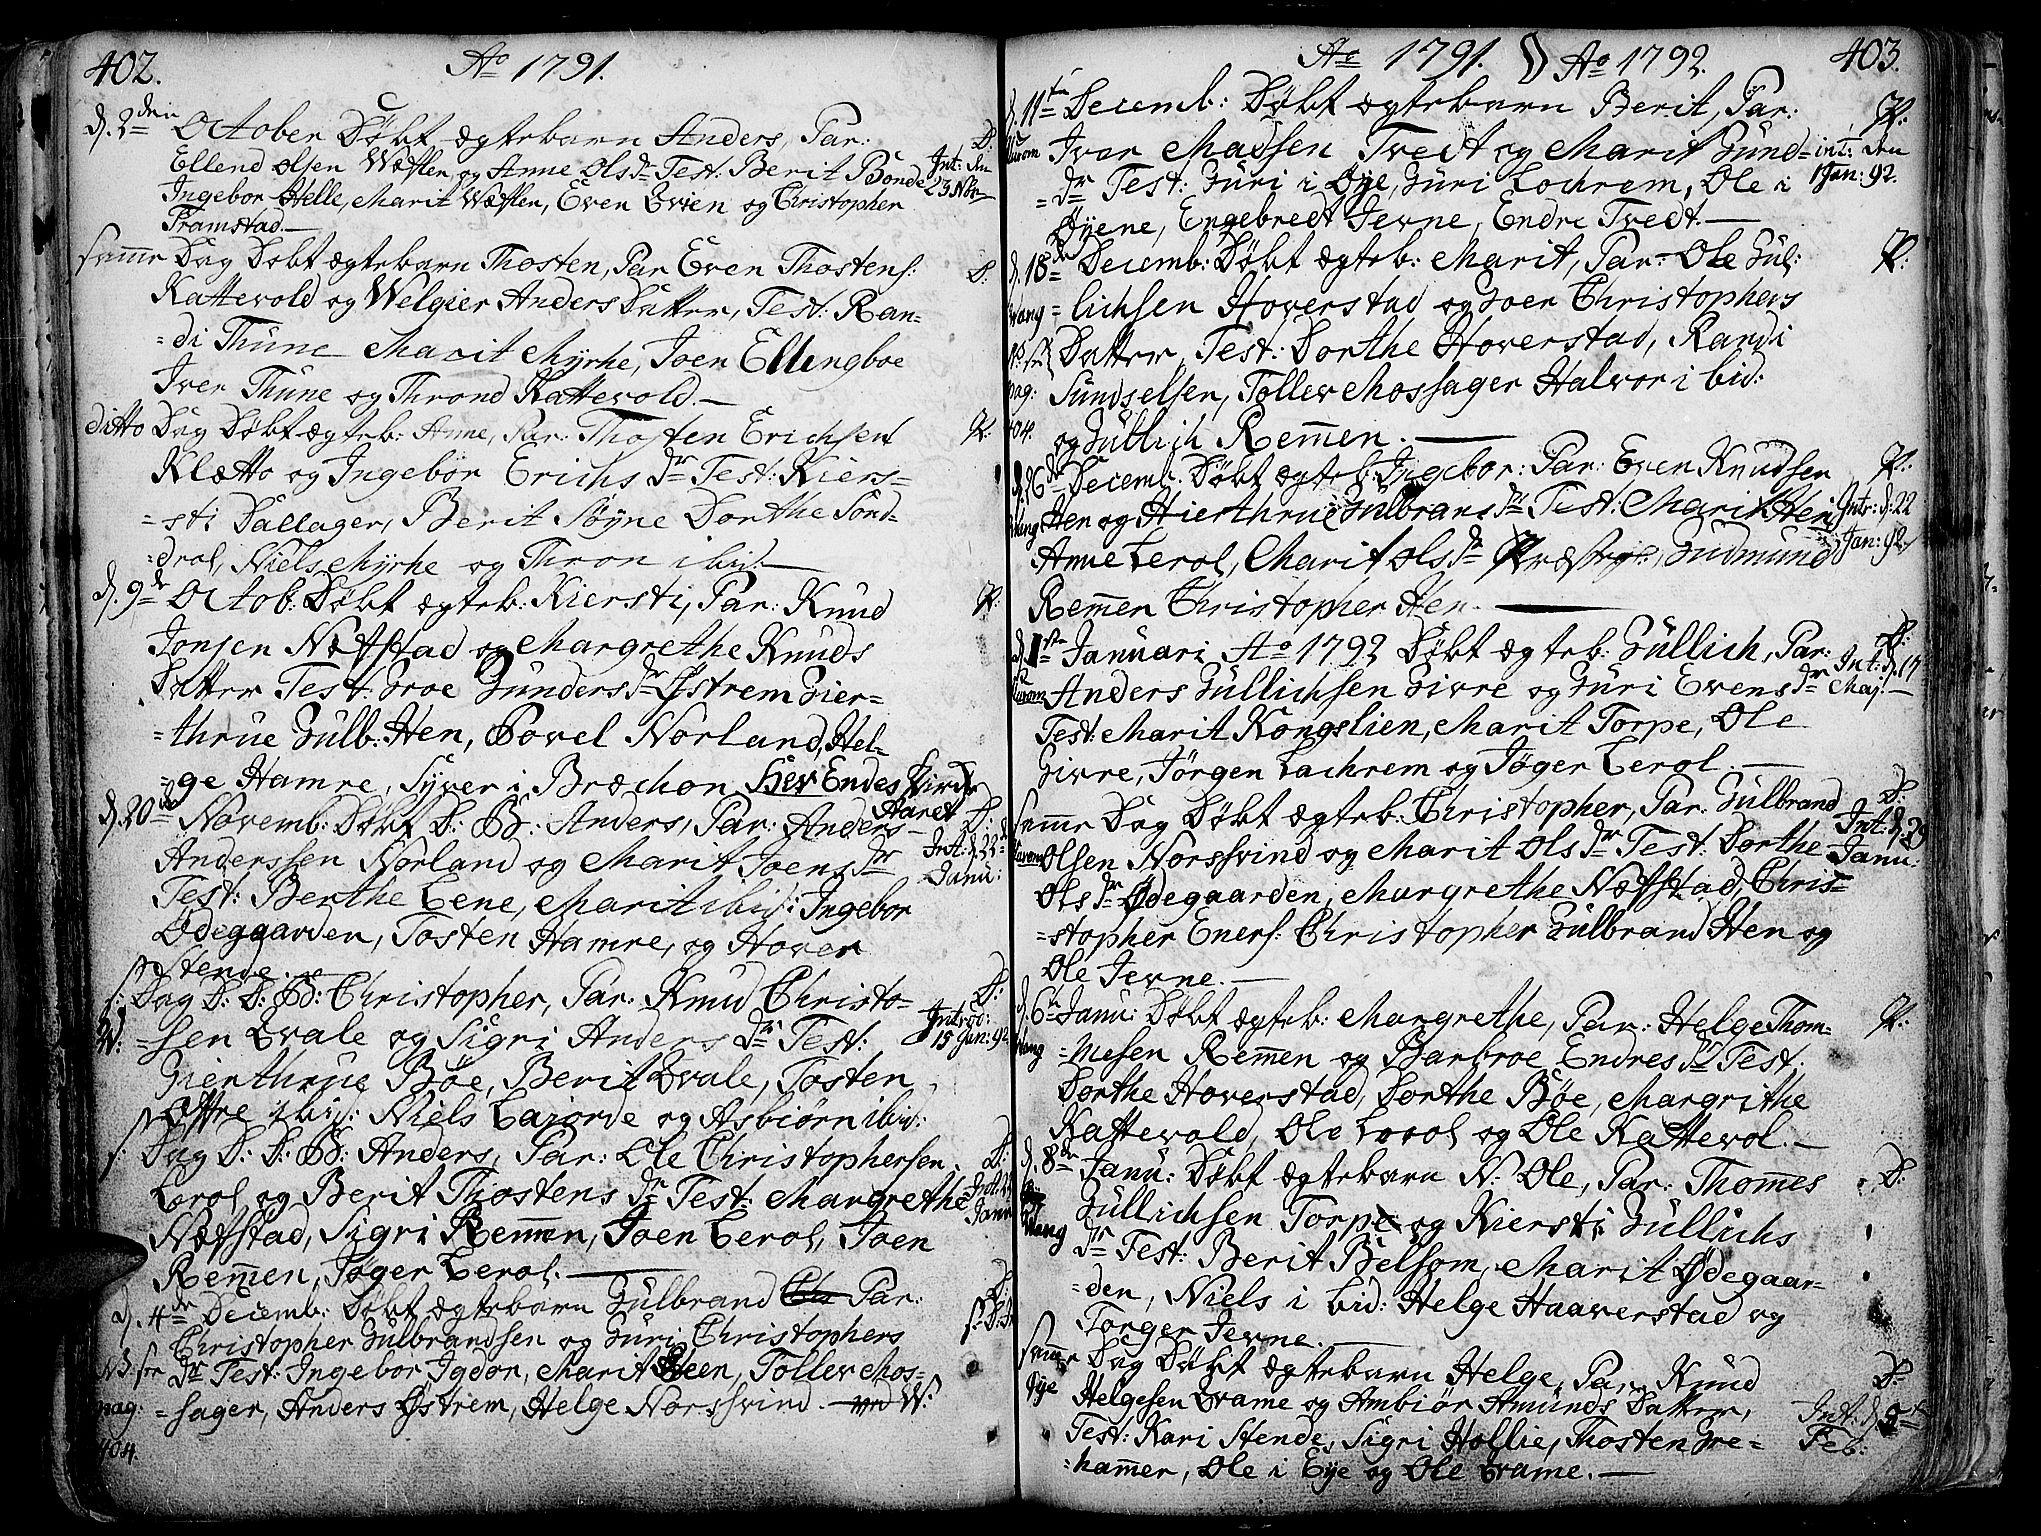 SAH, Vang prestekontor, Valdres, Ministerialbok nr. 1, 1730-1796, s. 402-403